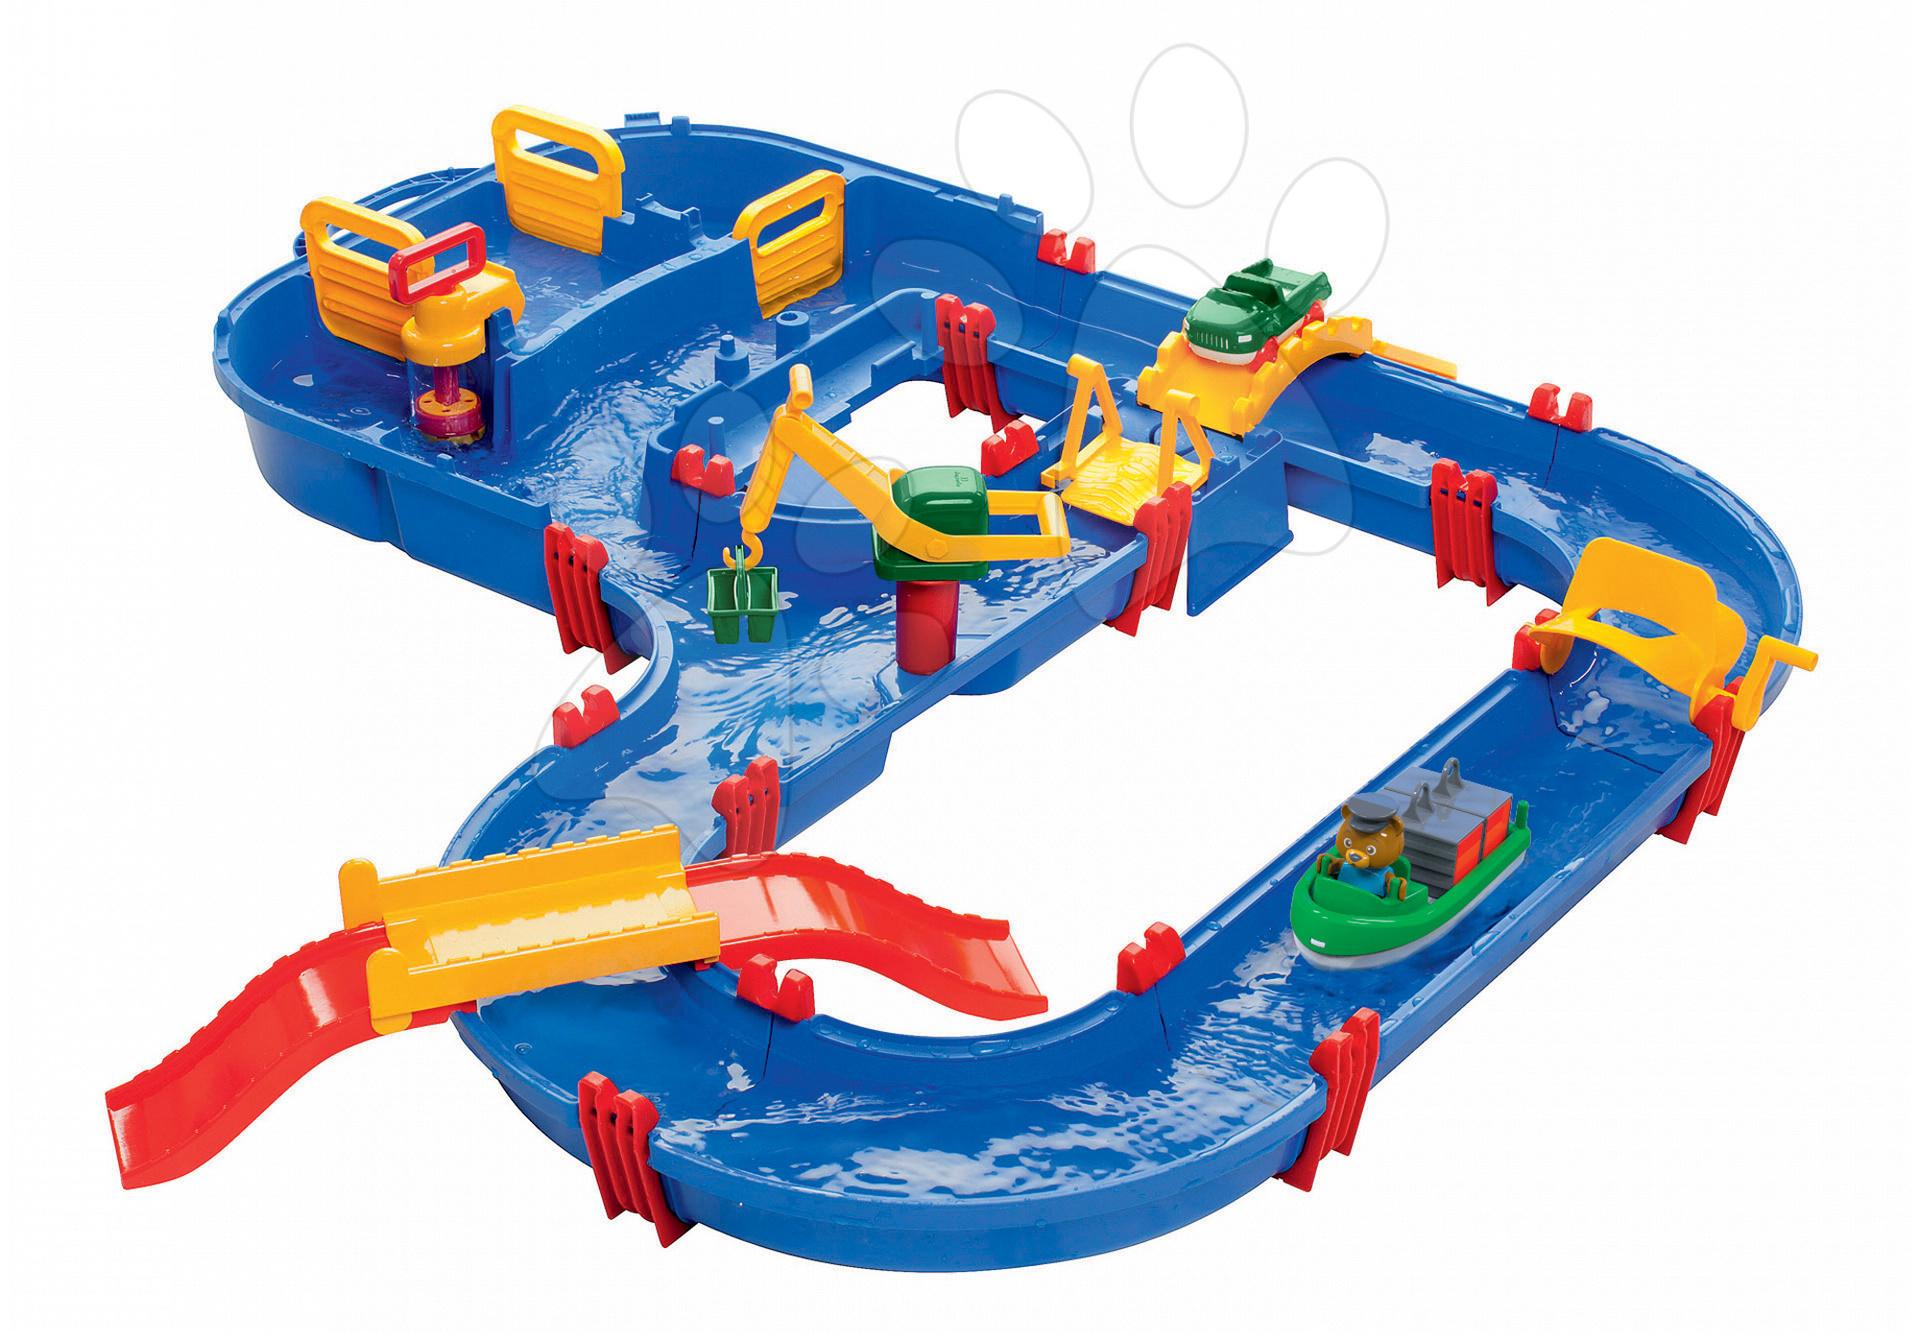 Vodná dráha Aquaplay MegaBridge s kapitánom Bo, mostom a priehradou s vodou pumpou